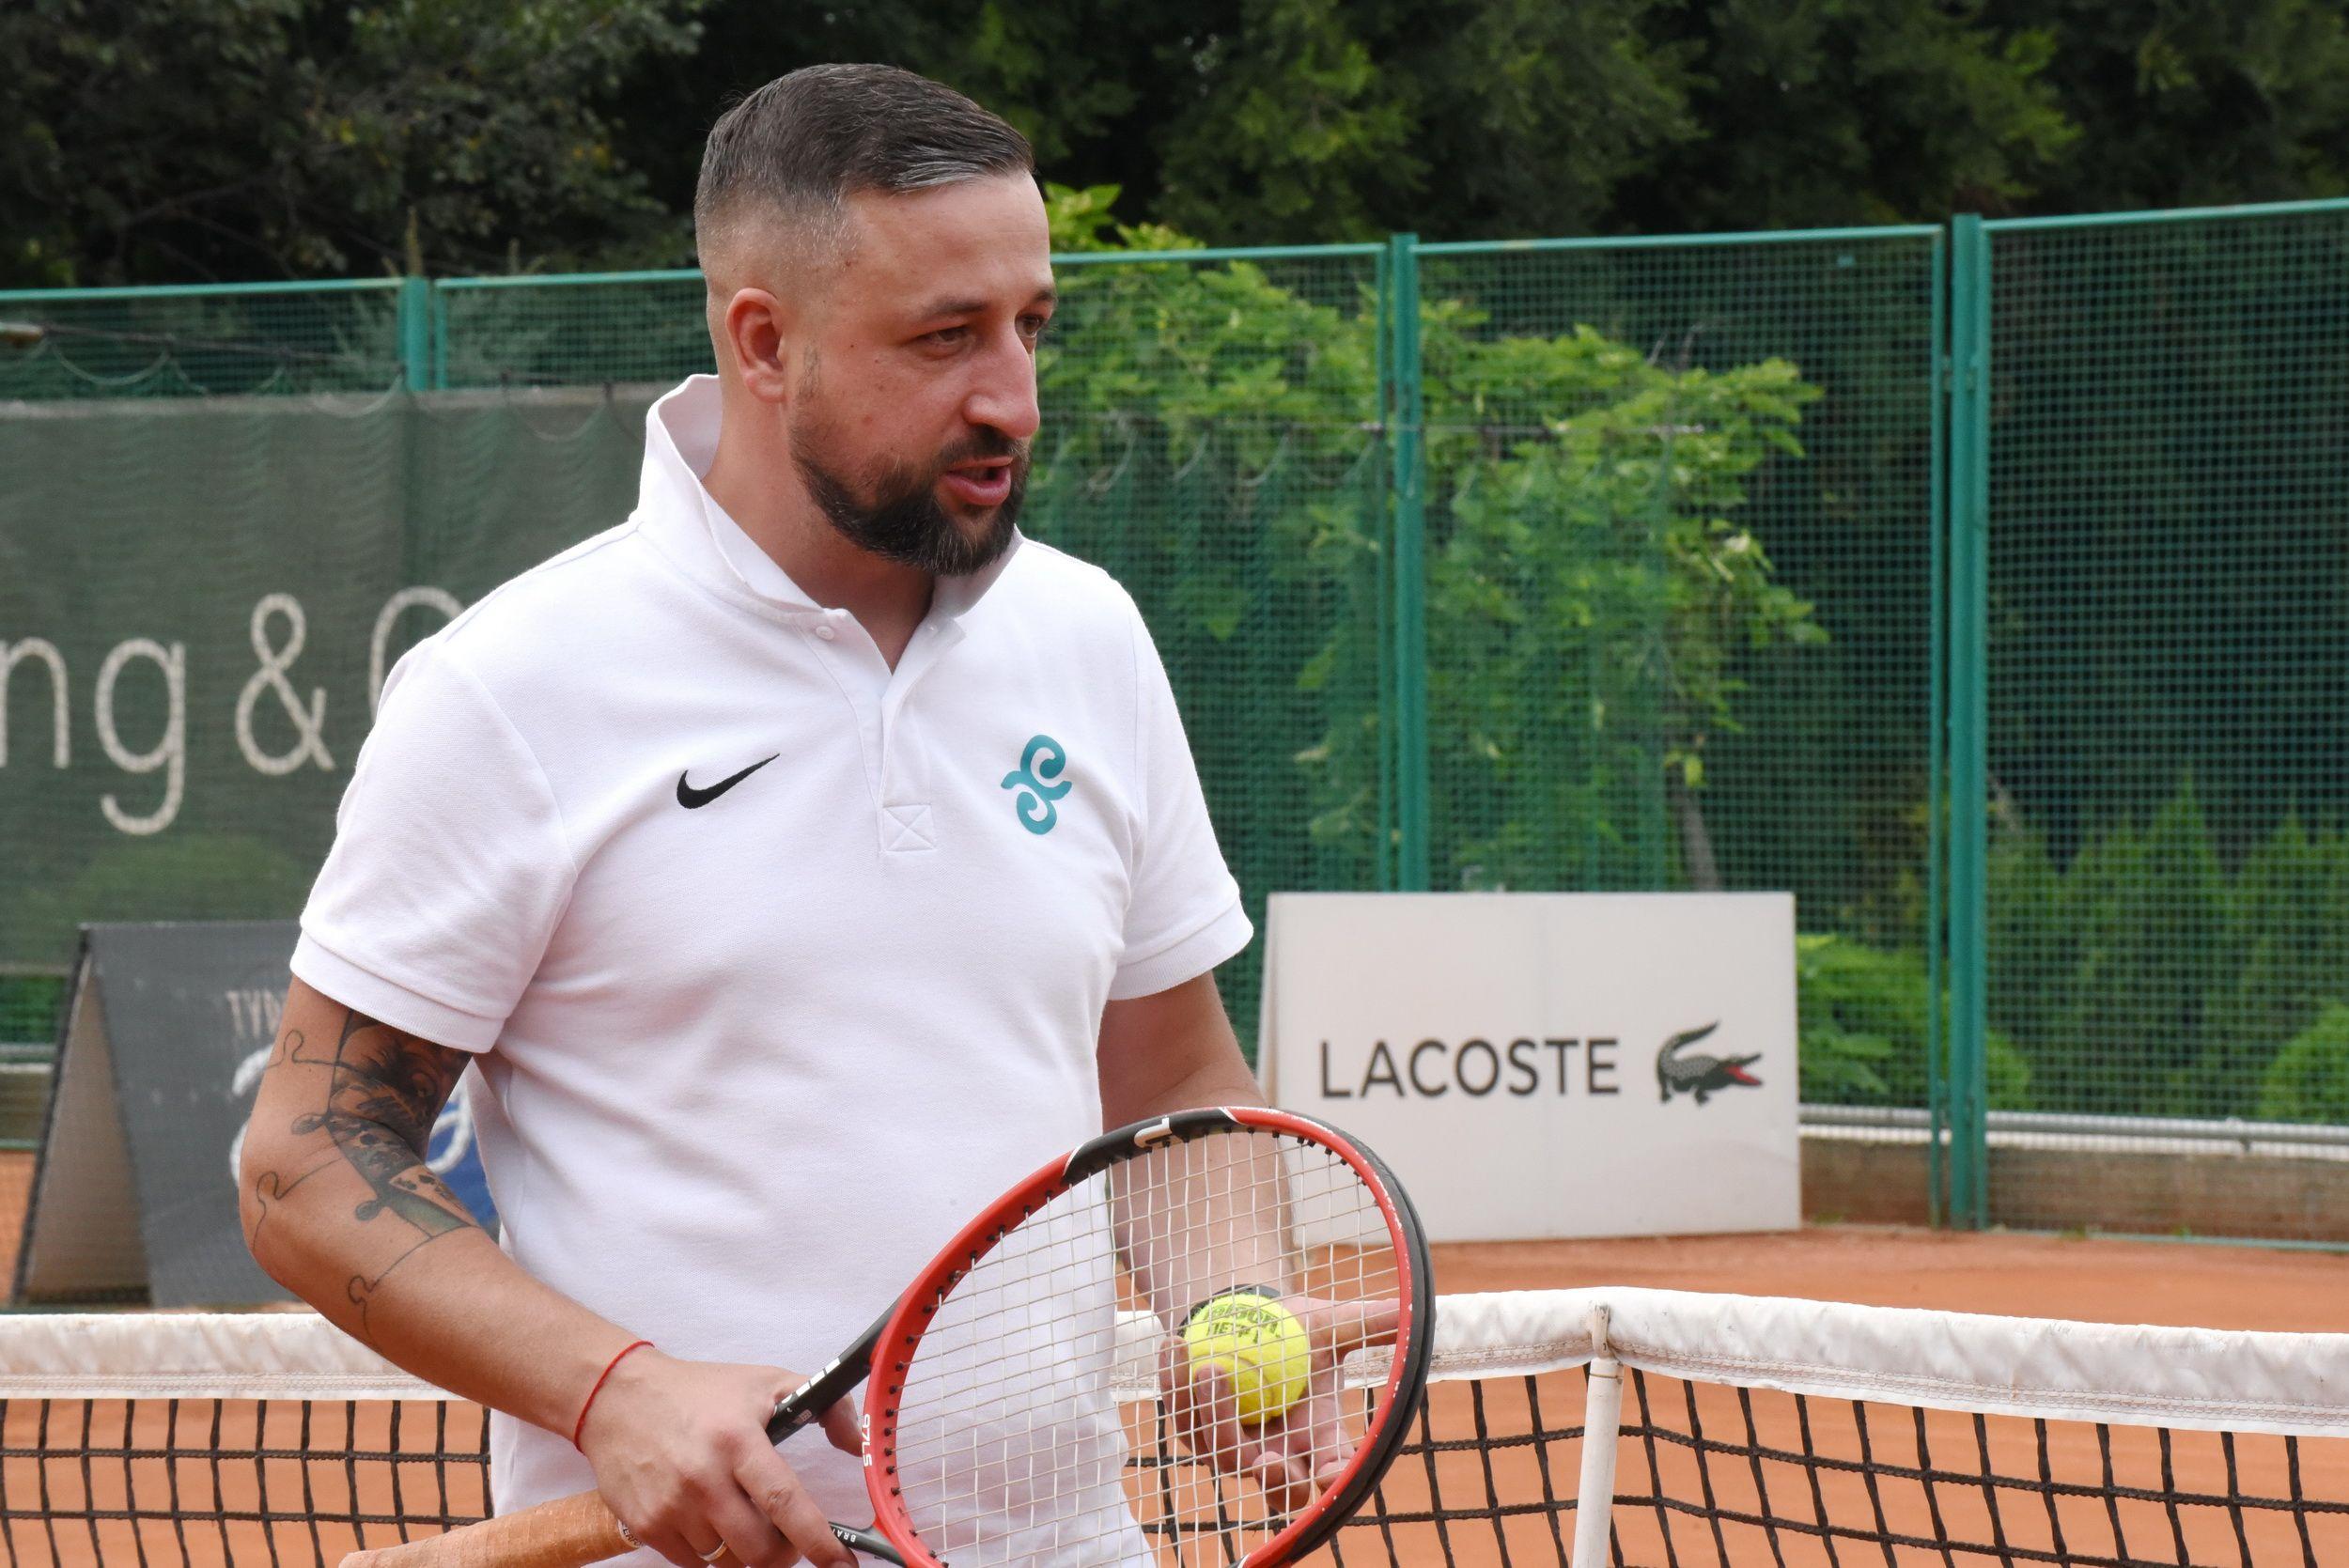 Насколько доходен теннисный бизнес? - Kapital.kz